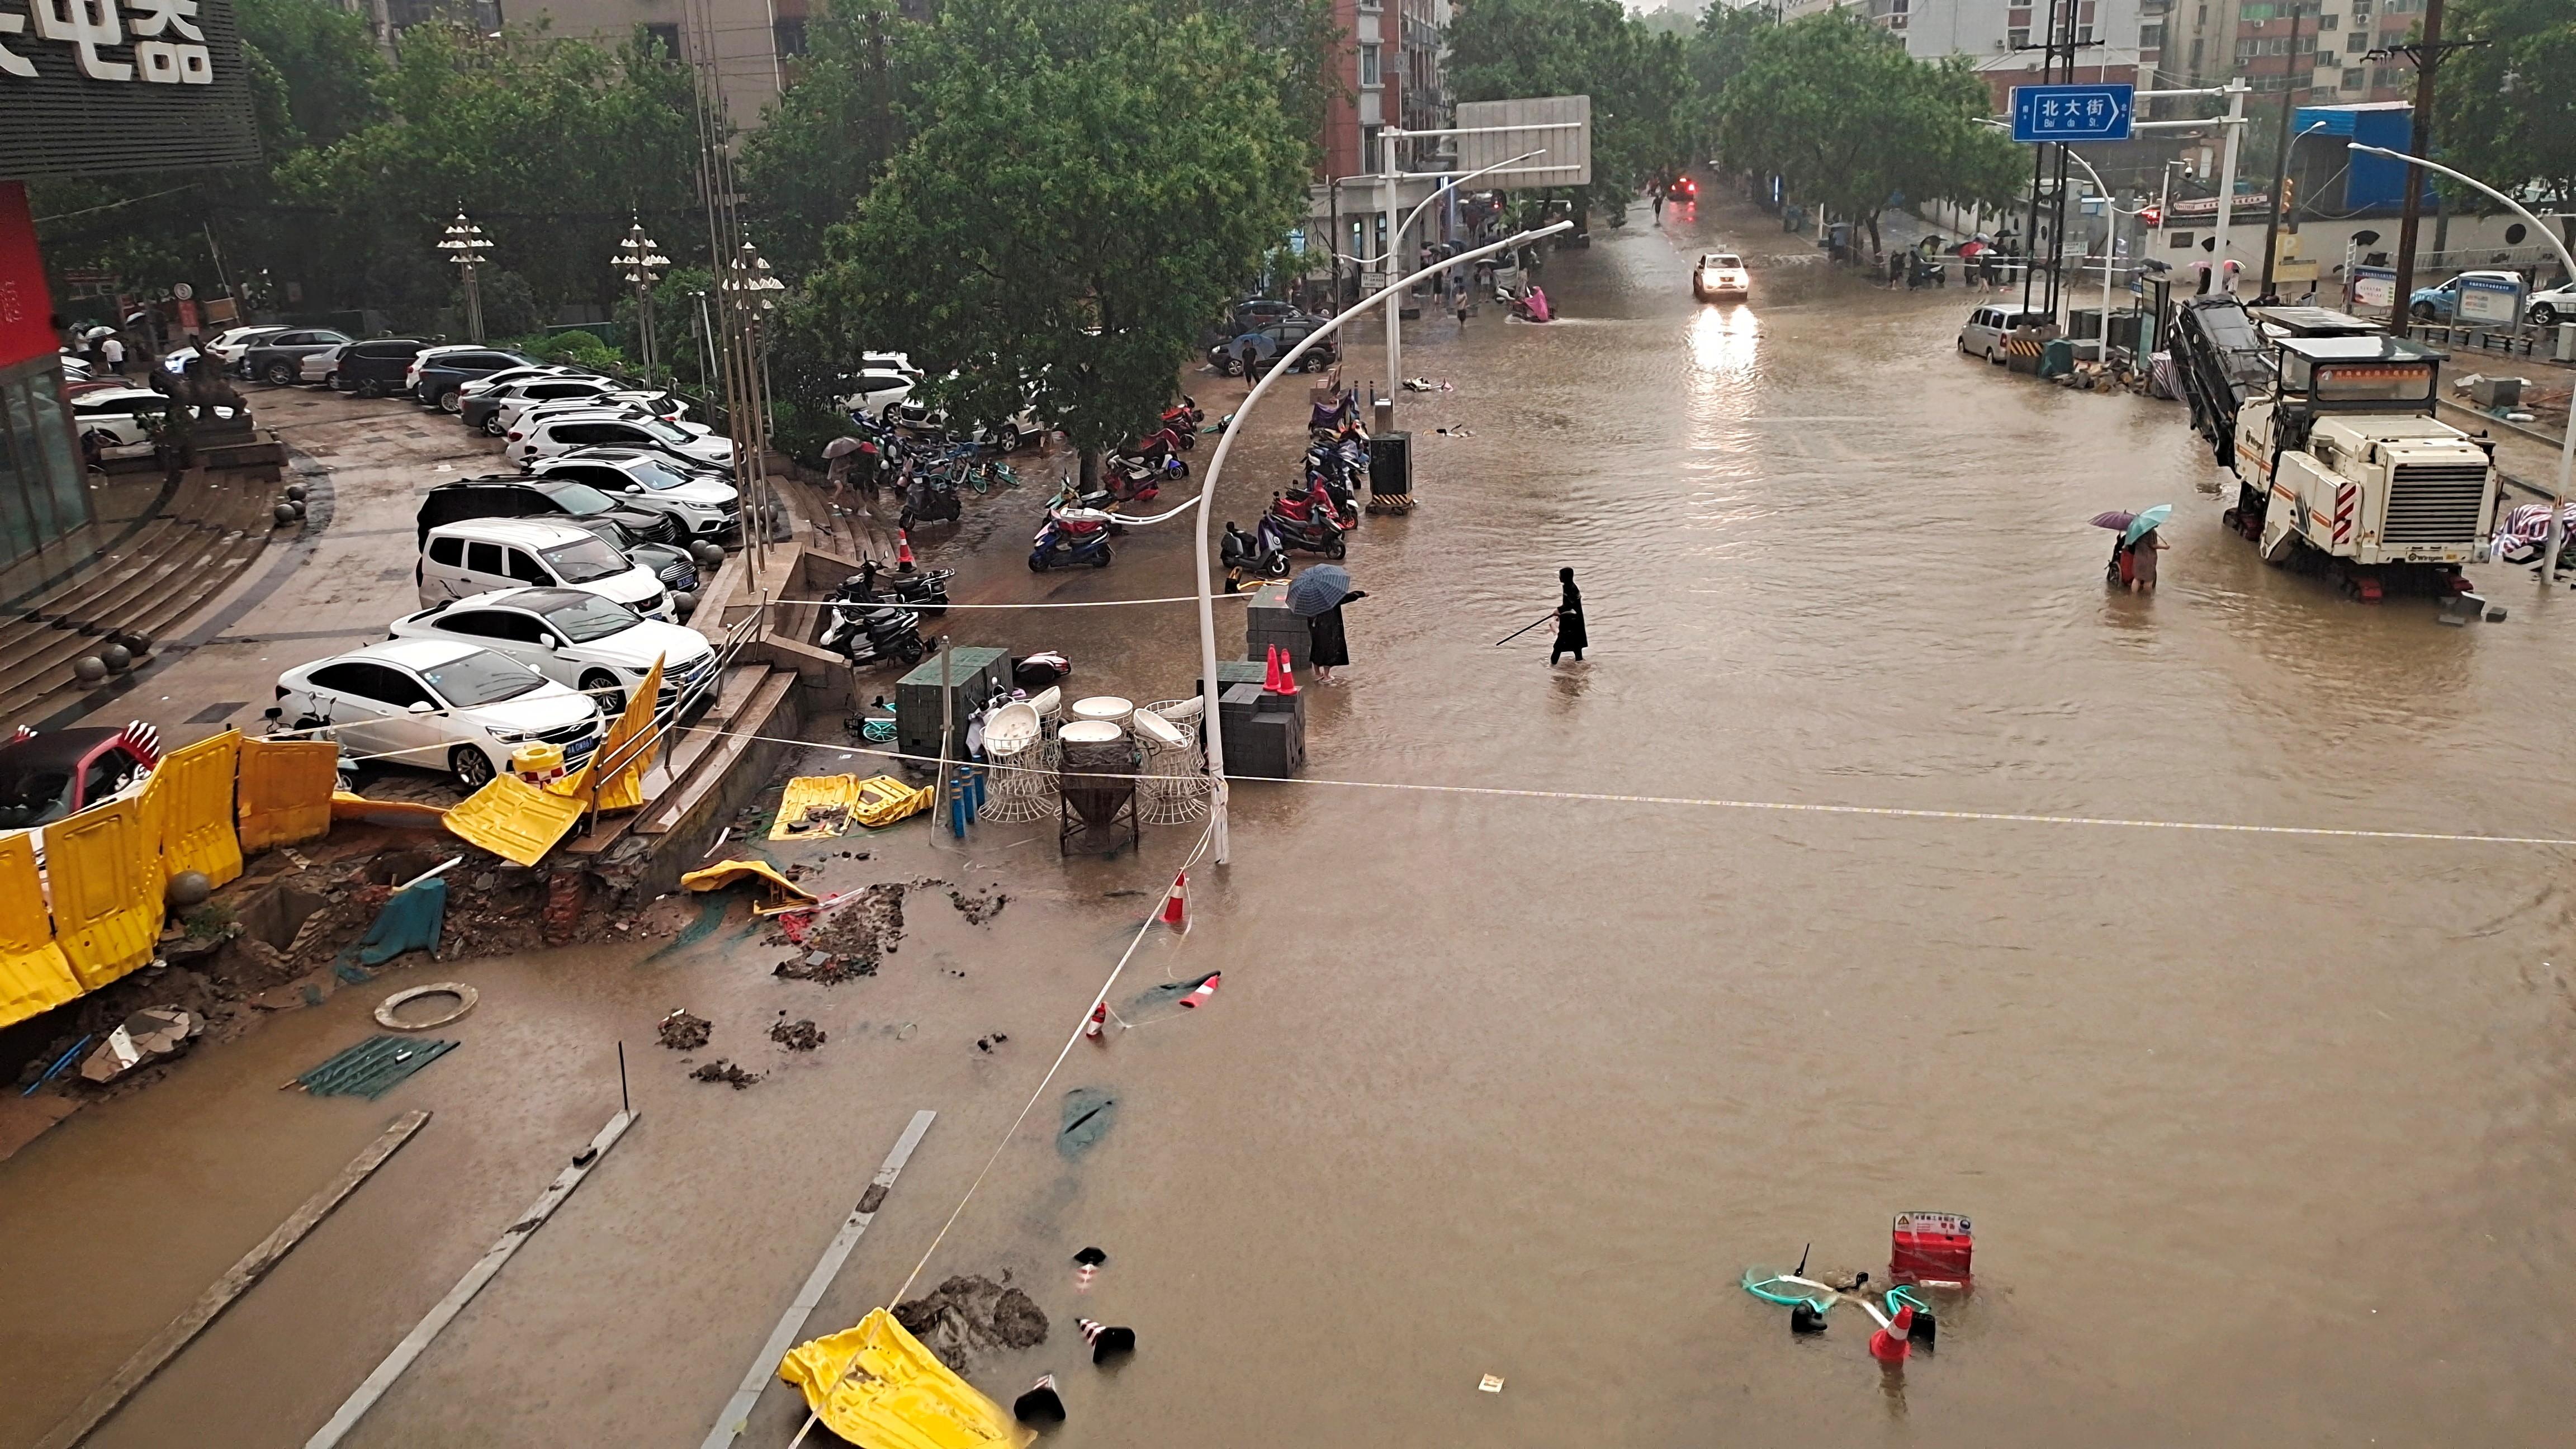 極端氣候,旱災,水災,森林大火,鄭州,高鐵,盧碧,交通建設,前瞻,捷運,公路,風險,預防,預警,颱風